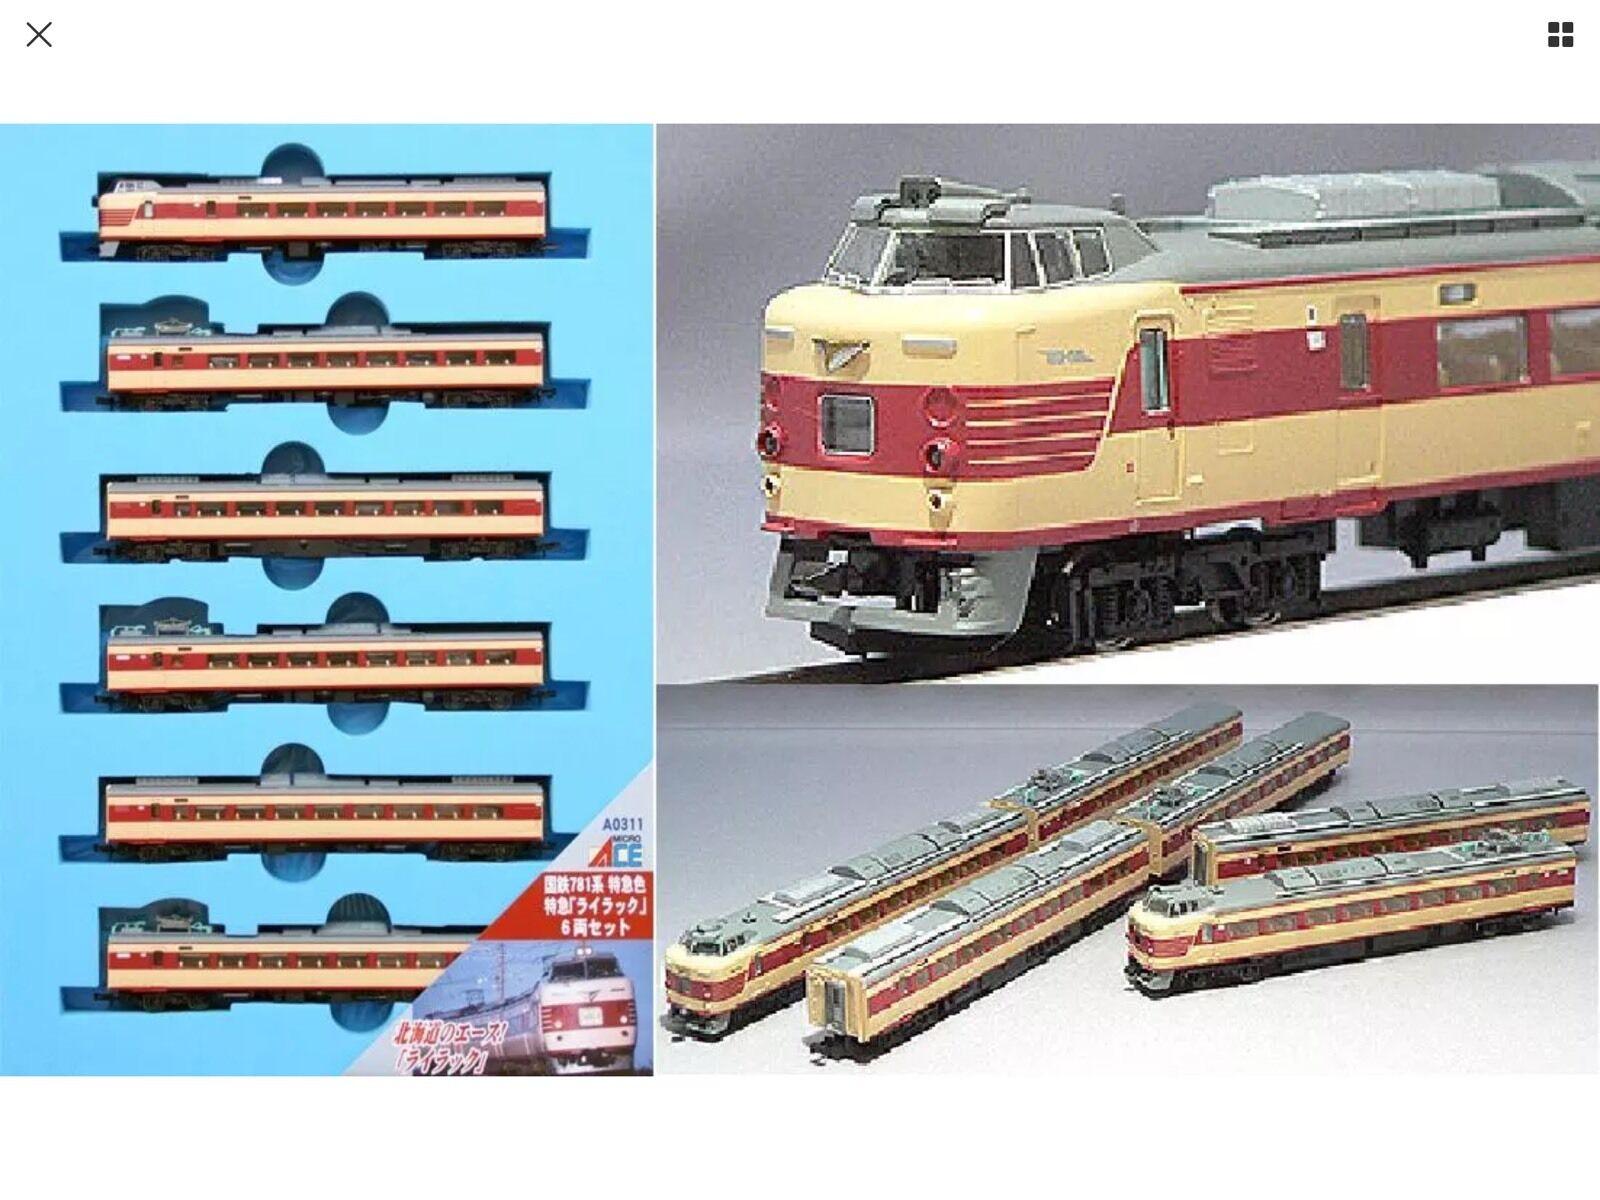 マイクロエースJNR 781シリーズ6車エミューセット